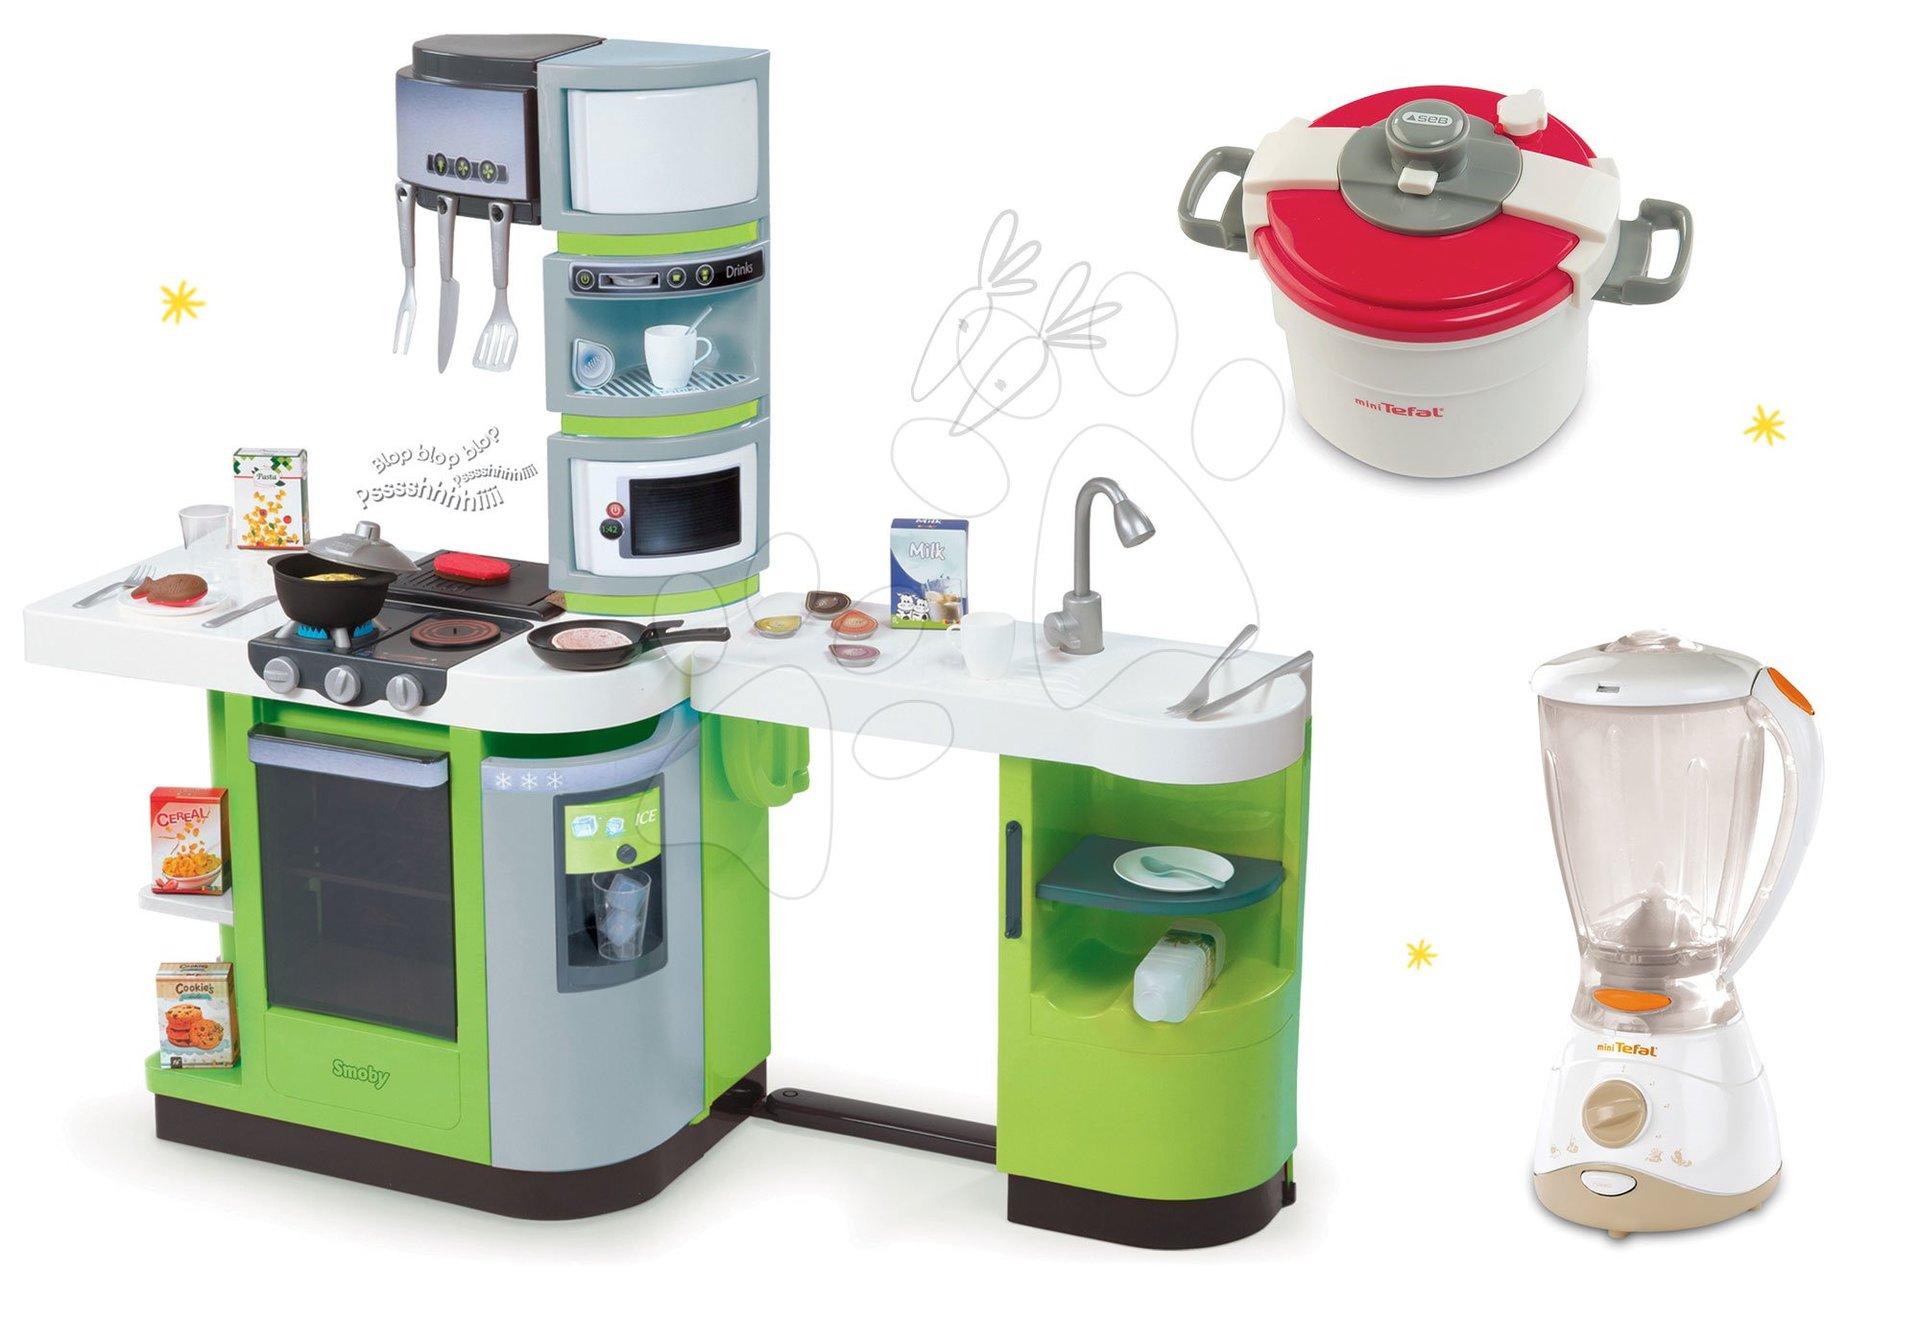 Kuchynky pre deti sety - Set kuchynka CookMaster Verte Smoby s ľadom a zvukmi a 2 kuchynské spotrebiče